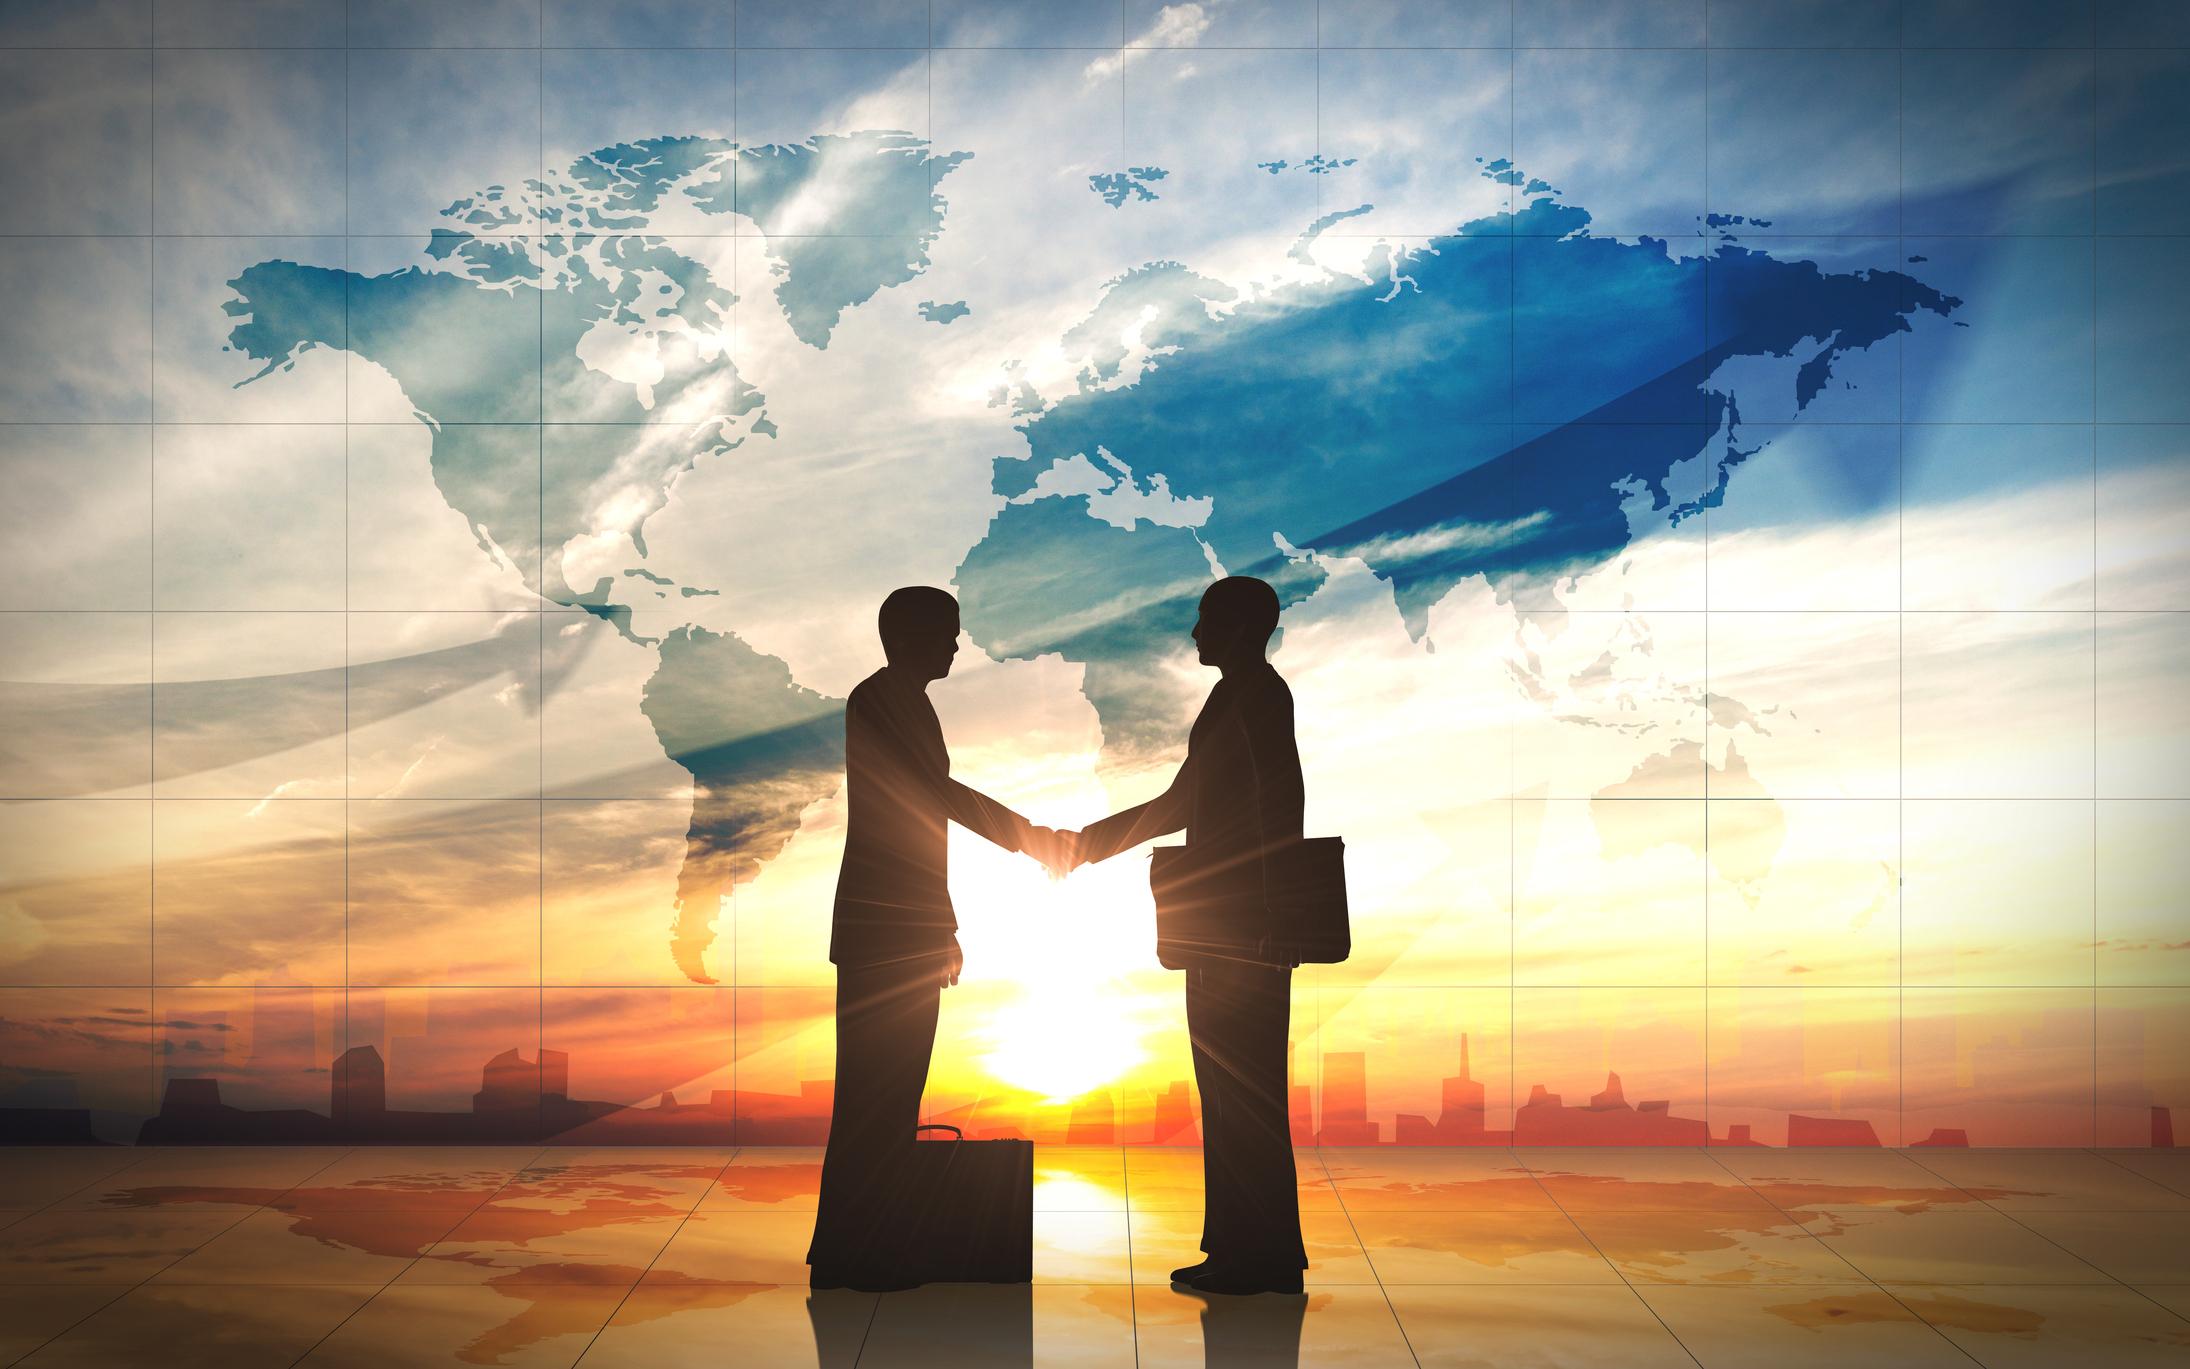 handshake_at_sunset_iStock-186957199.jpg